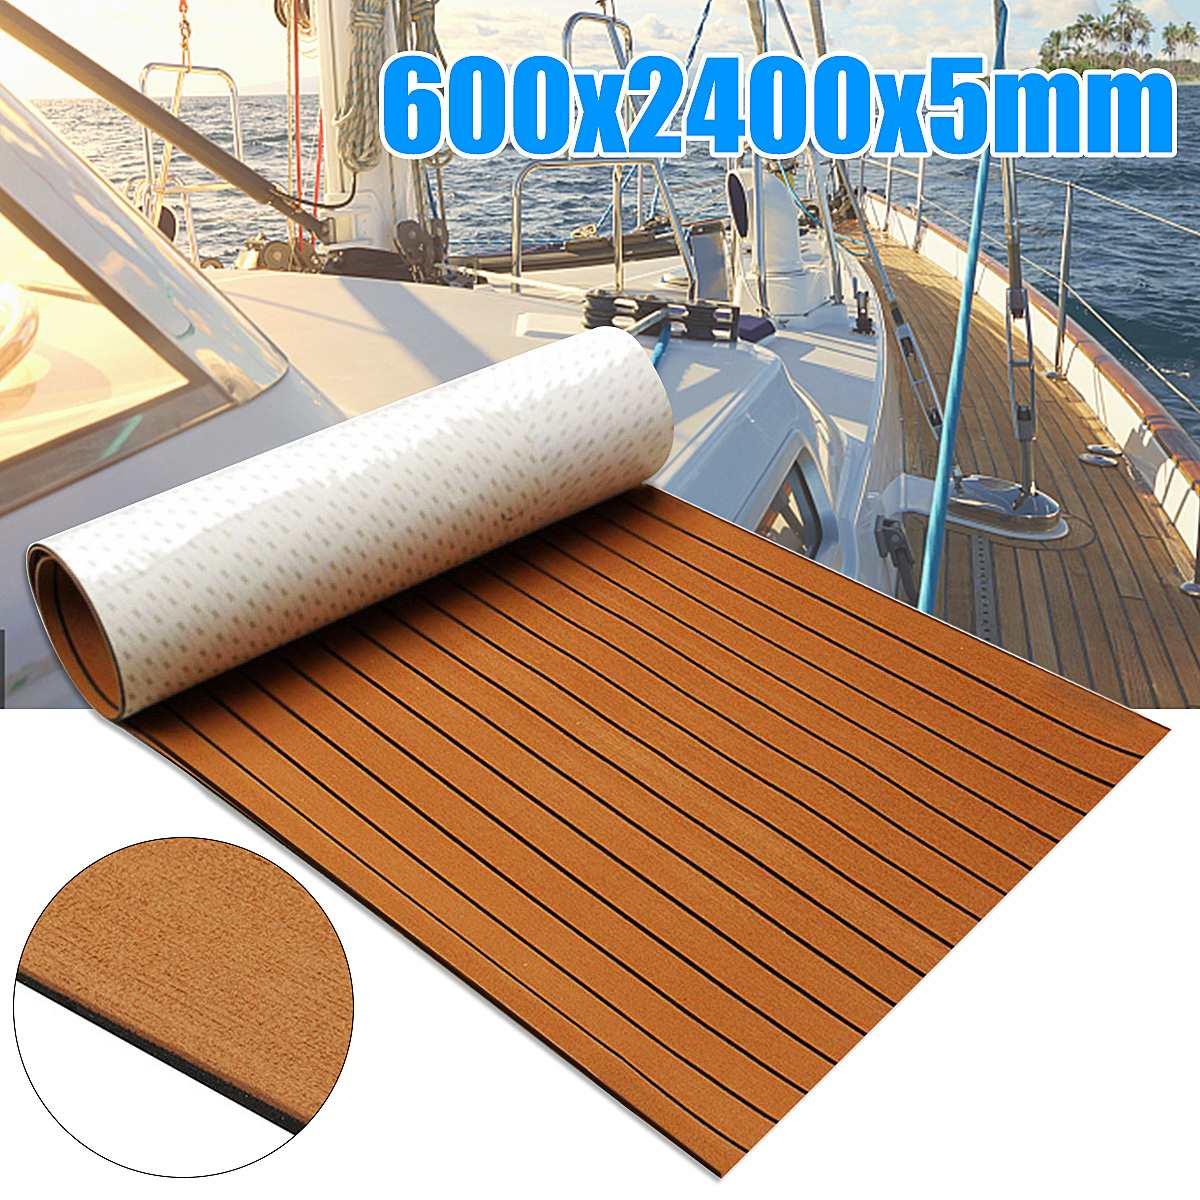 novo auto adesivo 600x2400x5mm marrom preto teca decking espuma eva piso marinho falso barco decking folha